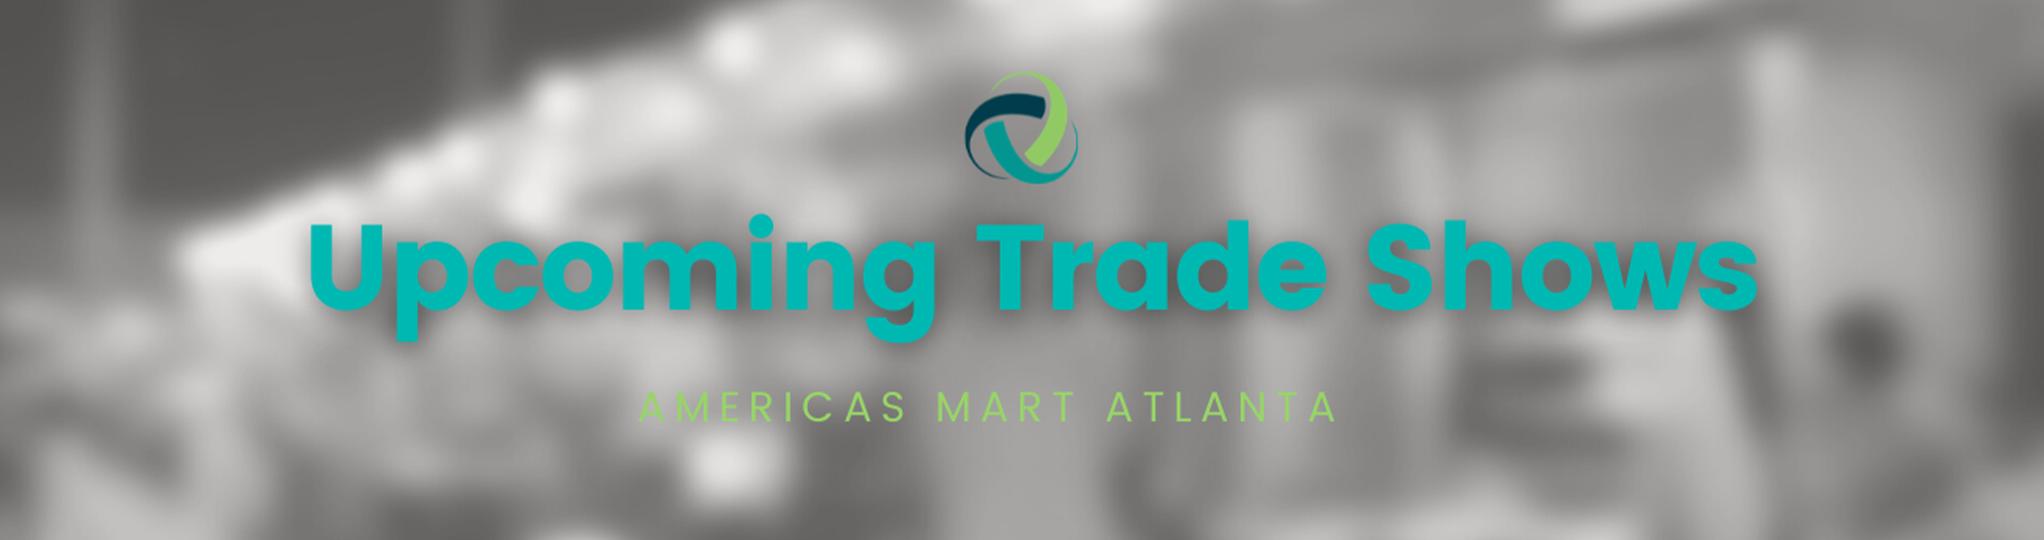 Upcoming Trade Shows